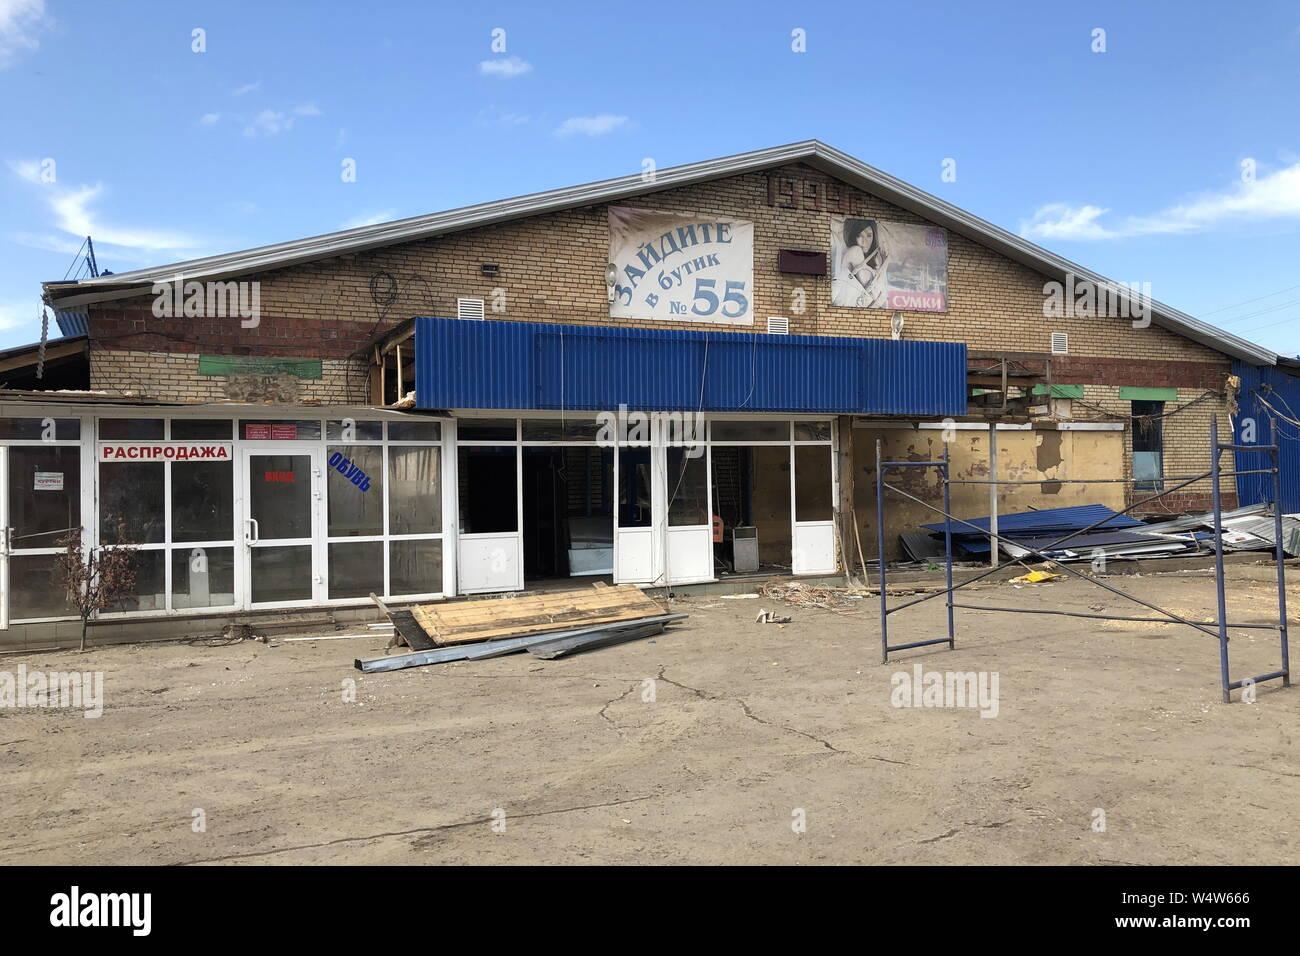 La Russie. Le 25 juillet, 2019. Région d'Irkoutsk, RUSSIE - 25 juillet 2019: En dehors d'un centre commercial de la ville d'inondations Tulun. Depuis le début de juillet flash les inondations ont endommagé 10 900 vivaient dans des maisons par 42 700 résidents dans 109 villes, 11 000 habitations, 86 équipements sociaux, 49 sections d'autoroutes, 22 ponts routiers dans la région d'Irkoutsk. Svetlana Latynina/crédit: TASS ITAR-TASS News Agency/Alamy Live News Banque D'Images